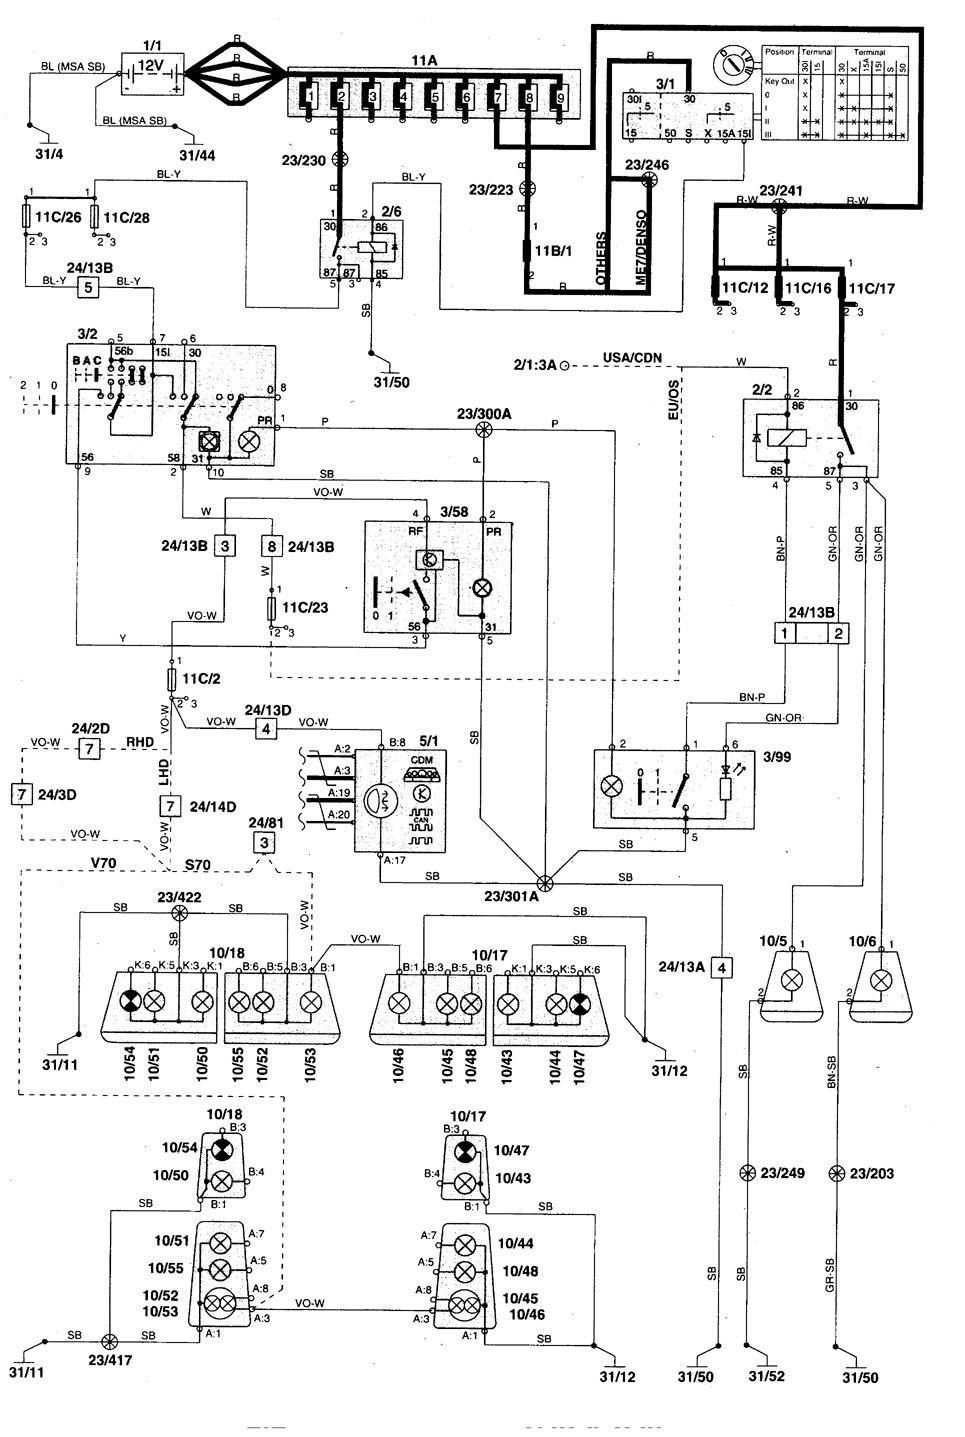 volvo v70  1998 - 1999  - wiring diagrams